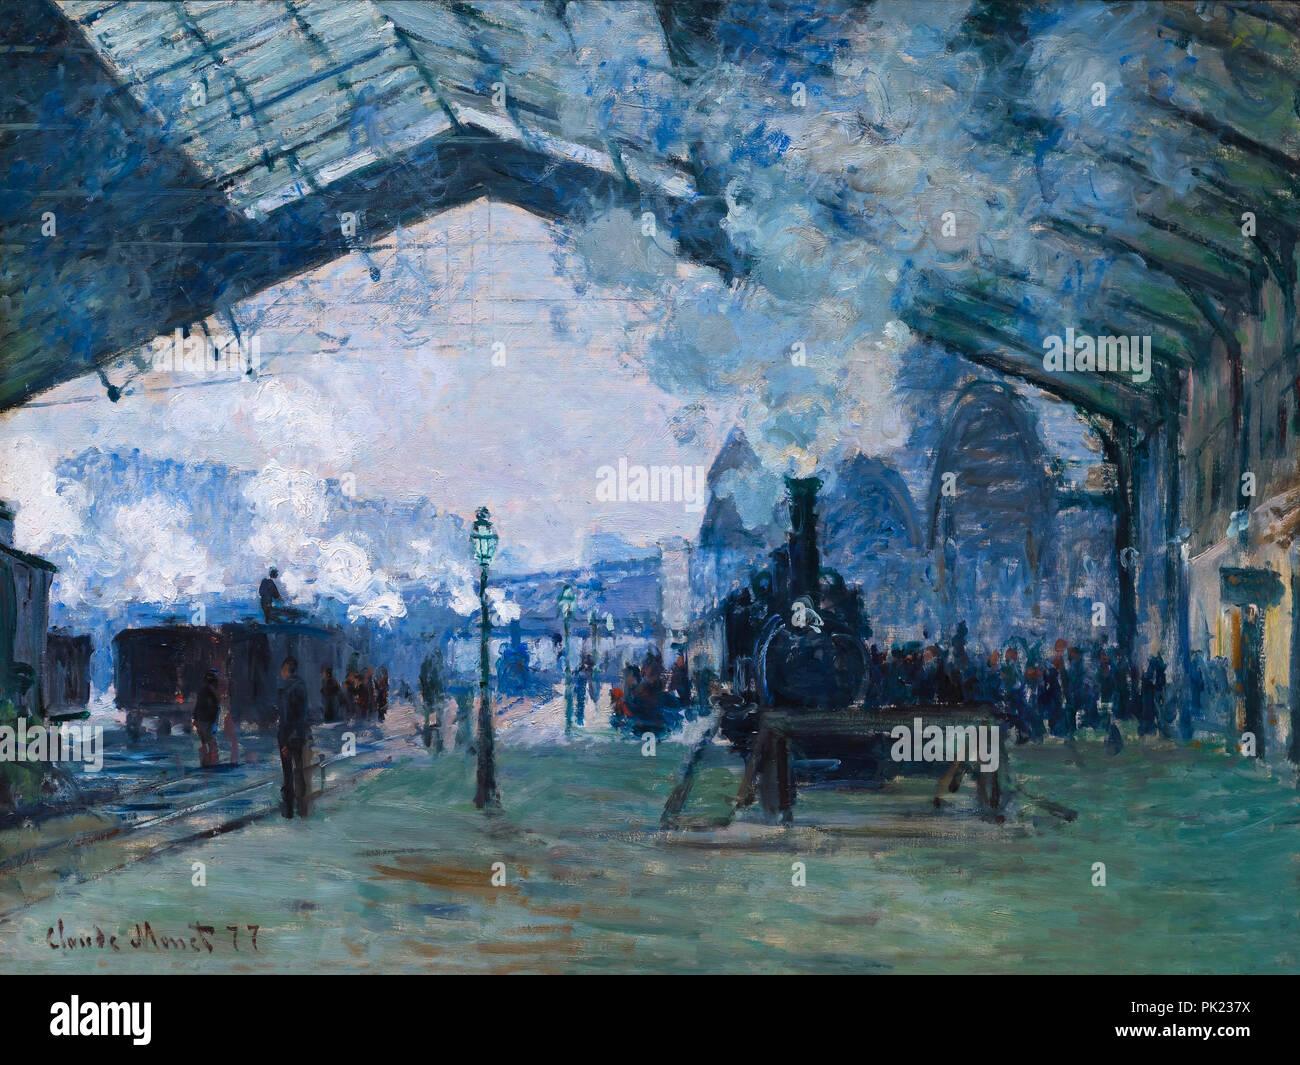 Arrivo del treno della Normandia, Gare Saint-Lazare, Claude Monet, 1877, Art Institute of Chicago, Chicago, Illinois, USA, America del nord, Immagini Stock